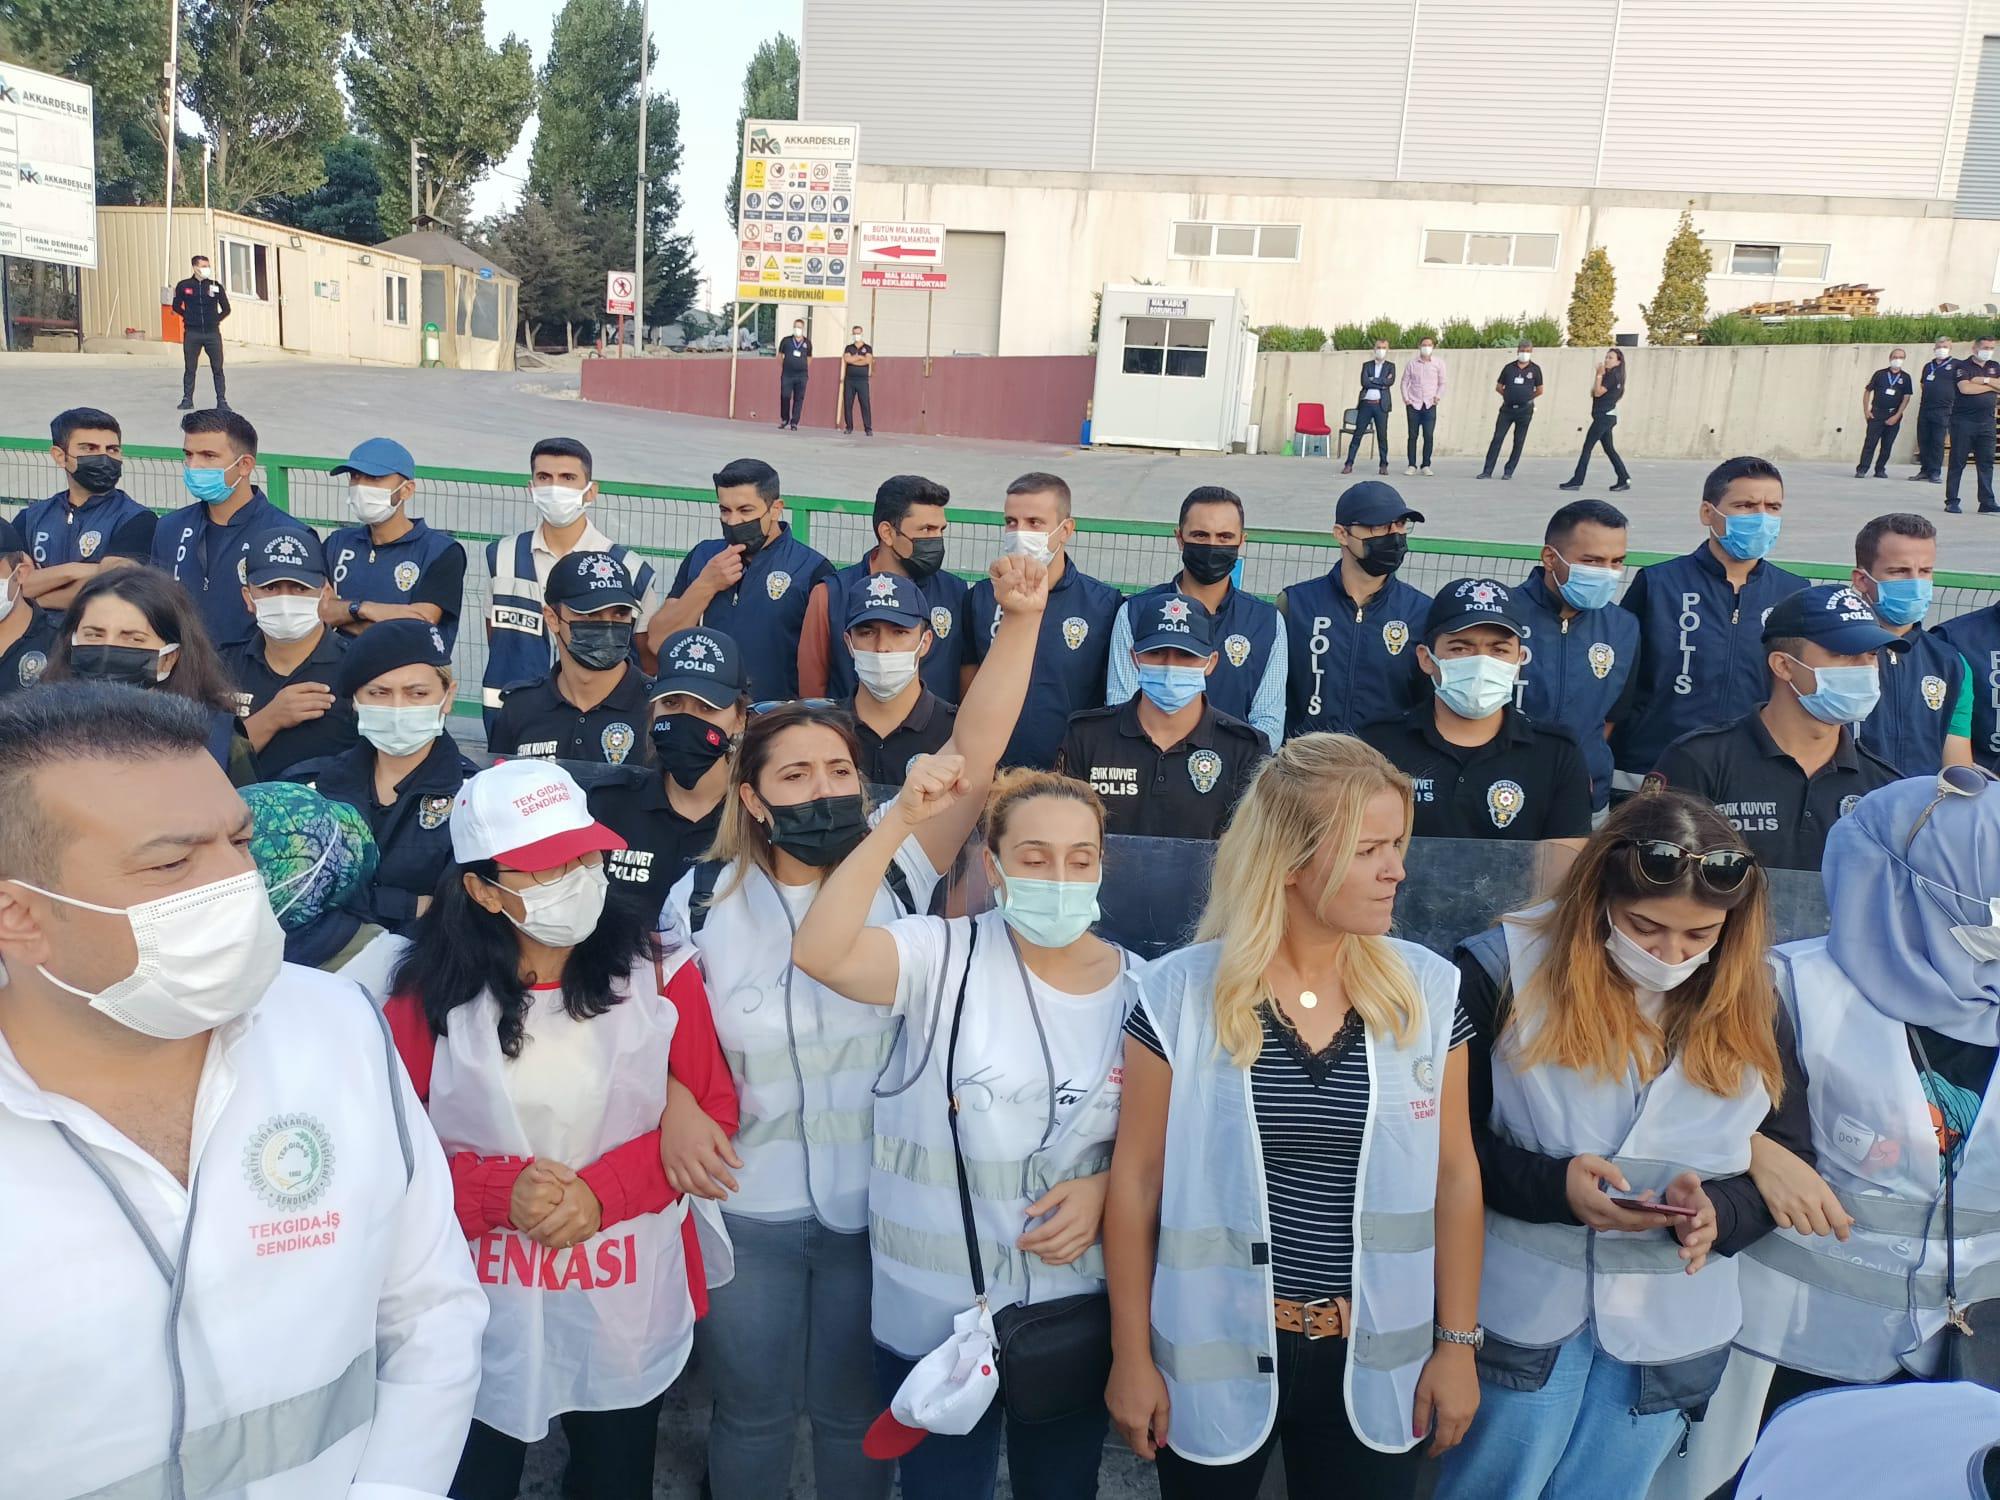 Yönetim grev öncesi işçileri tehdit etmişti: Adkoturk işçileri greve çıktı